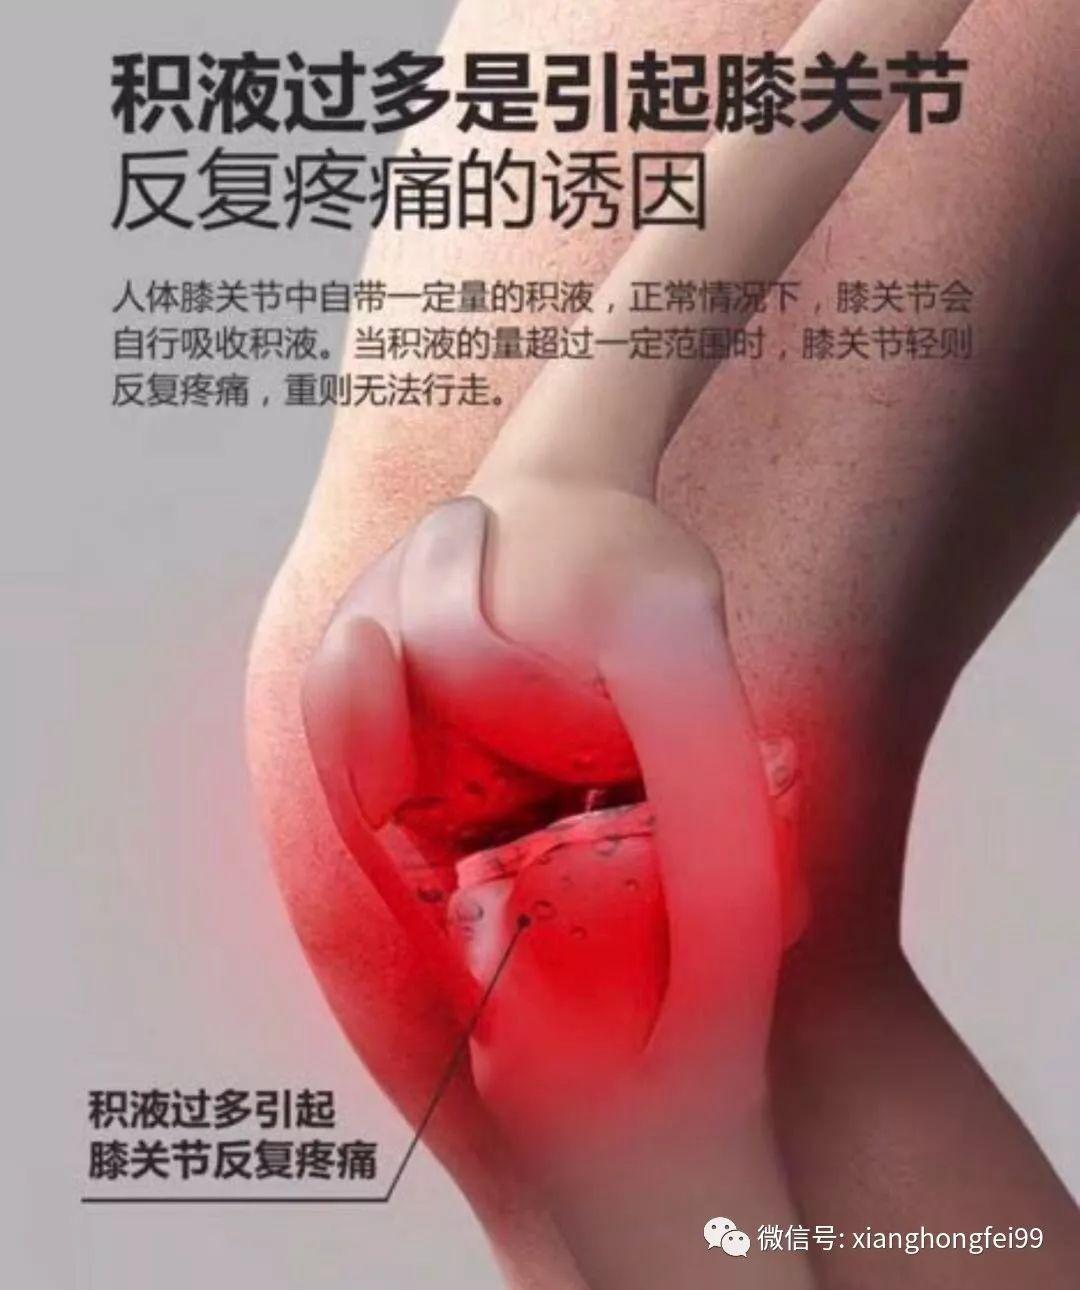 滑膜炎的位置图片